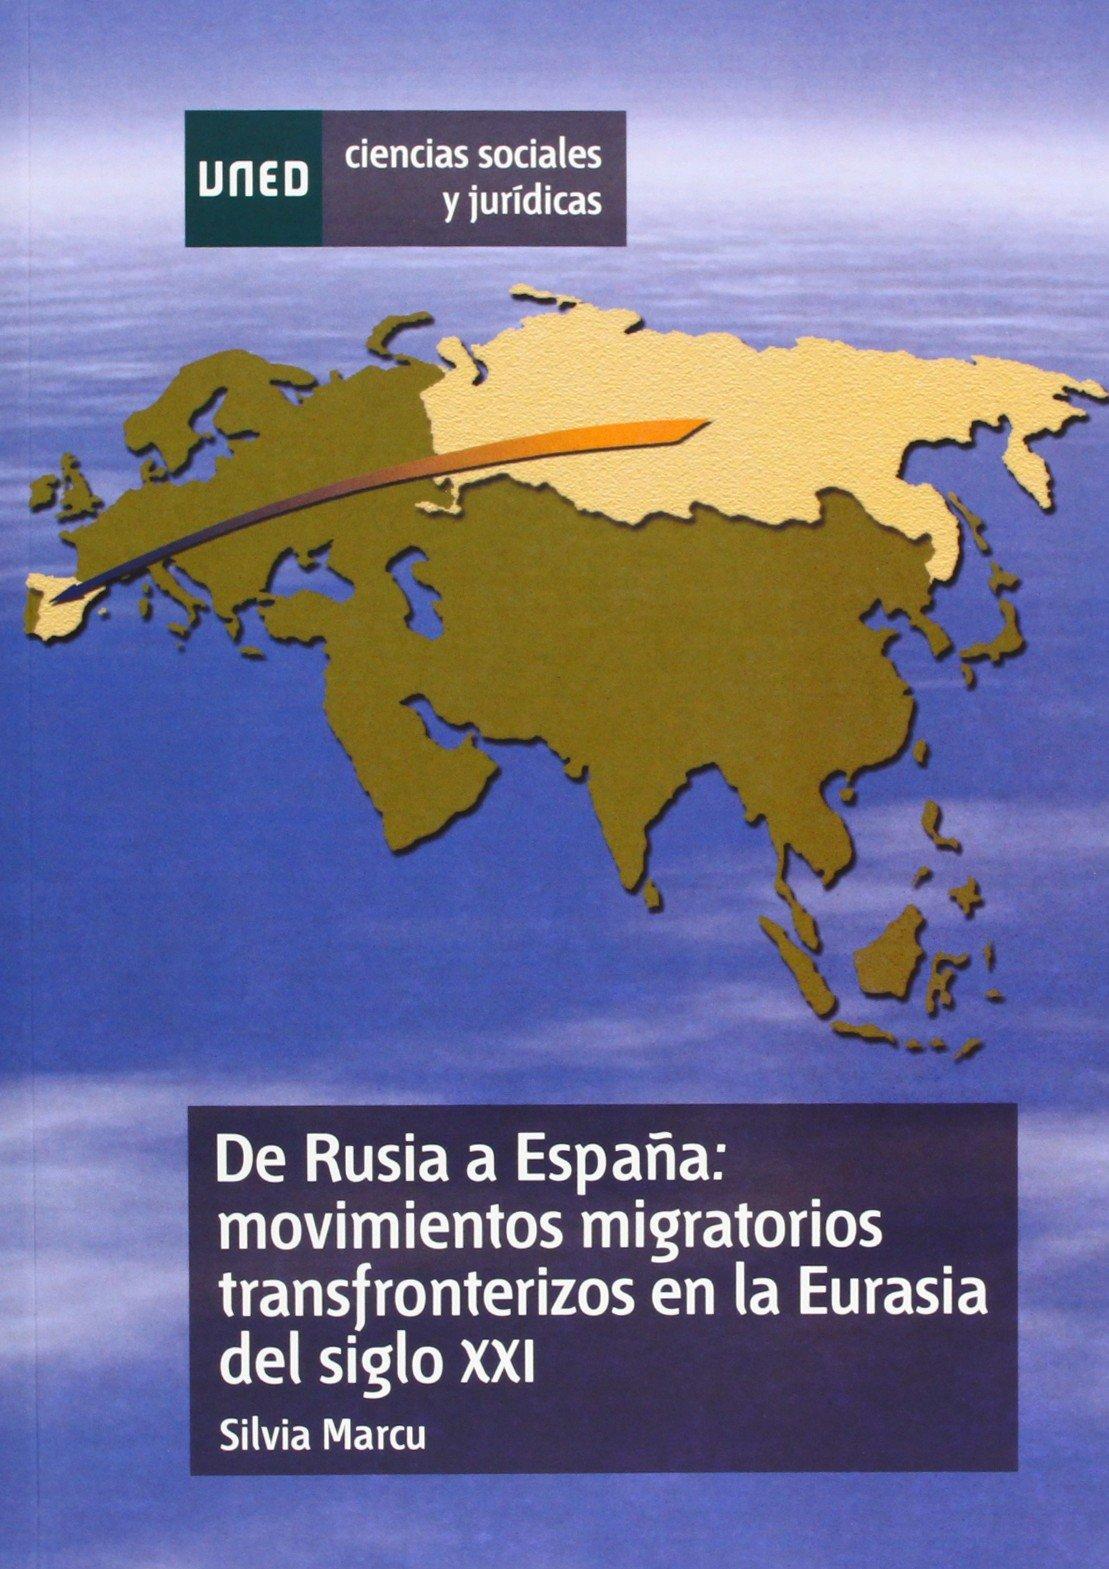 De Rusia a España: movimientos migratorios transfronterizos en la Eurasia del siglo XXI CIENCIAS SOCIALES Y JURÍDICAS: Amazon.es: Marcu Marcu, Silvia: Libros